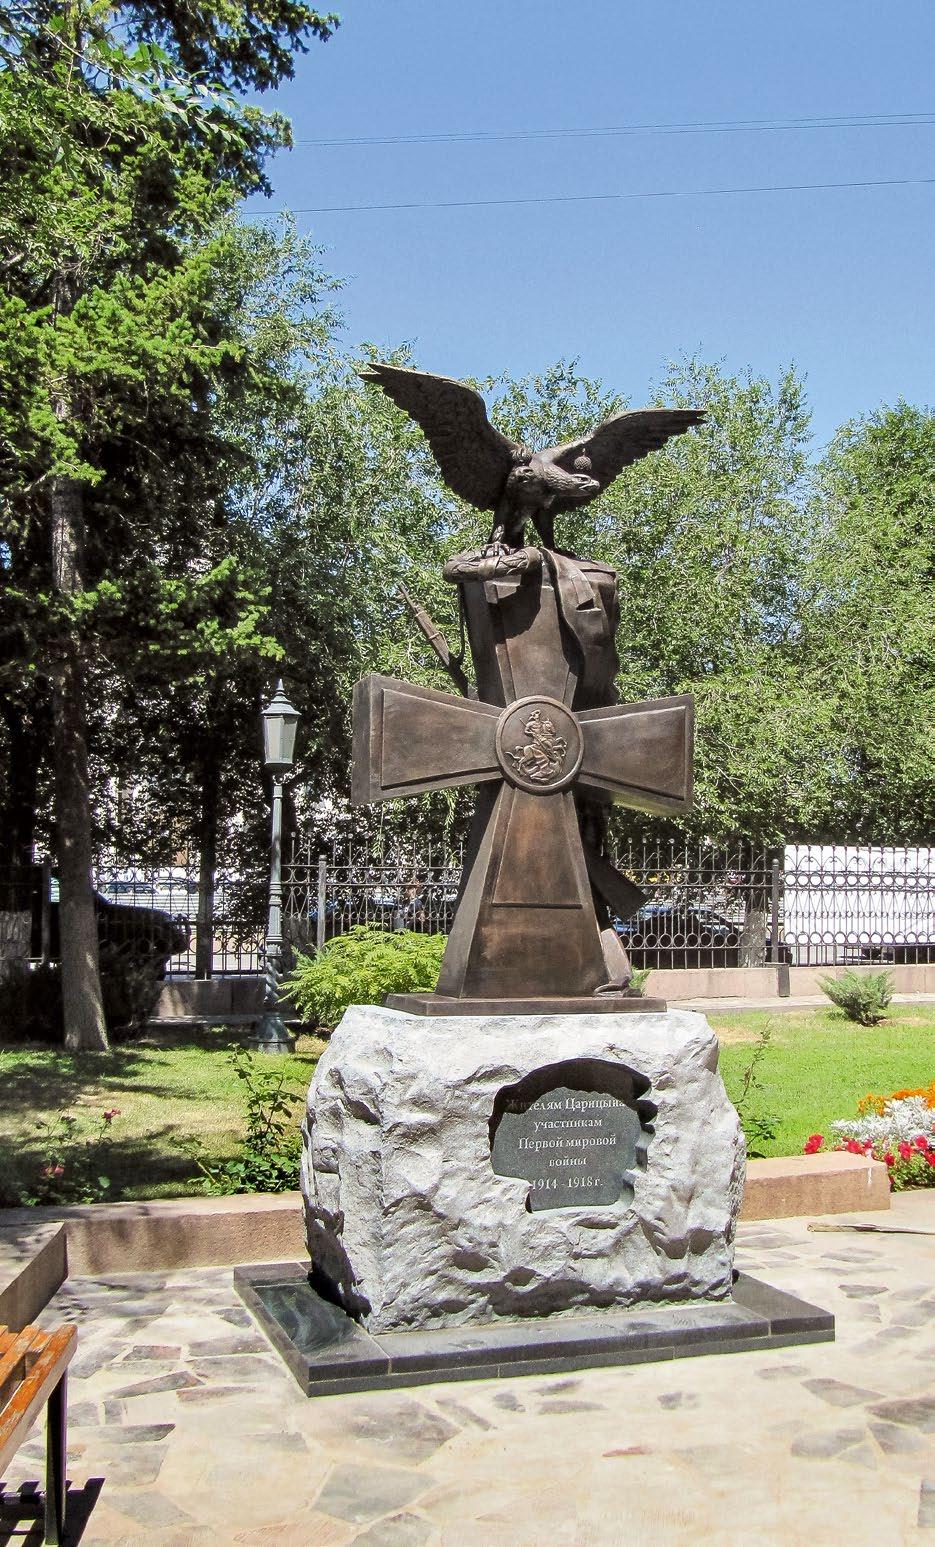 Памятник жителям Царицына-участникам Первой Мировой войны в Волгограде